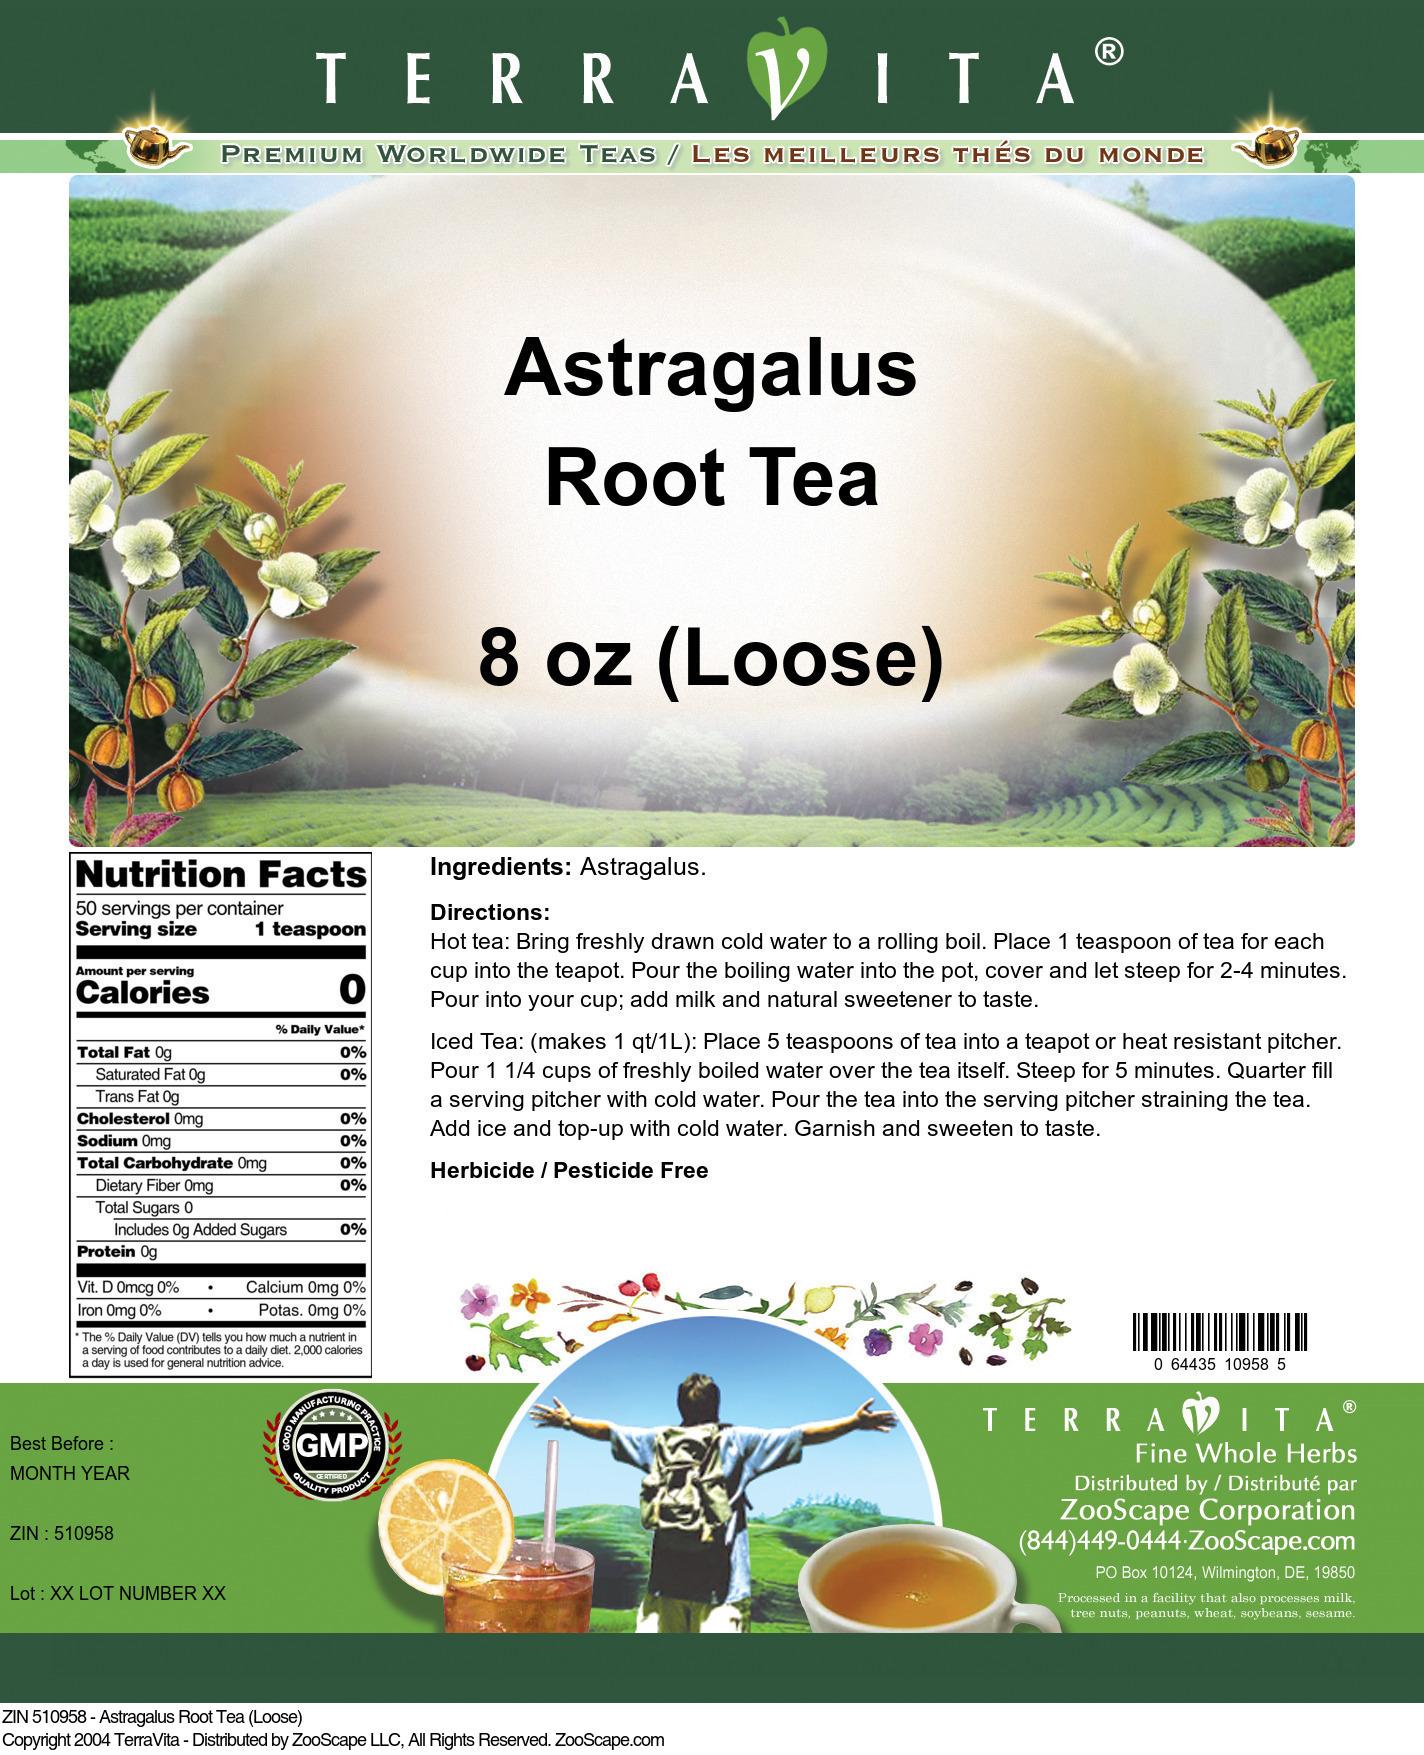 Astragalus Root Tea (Loose)